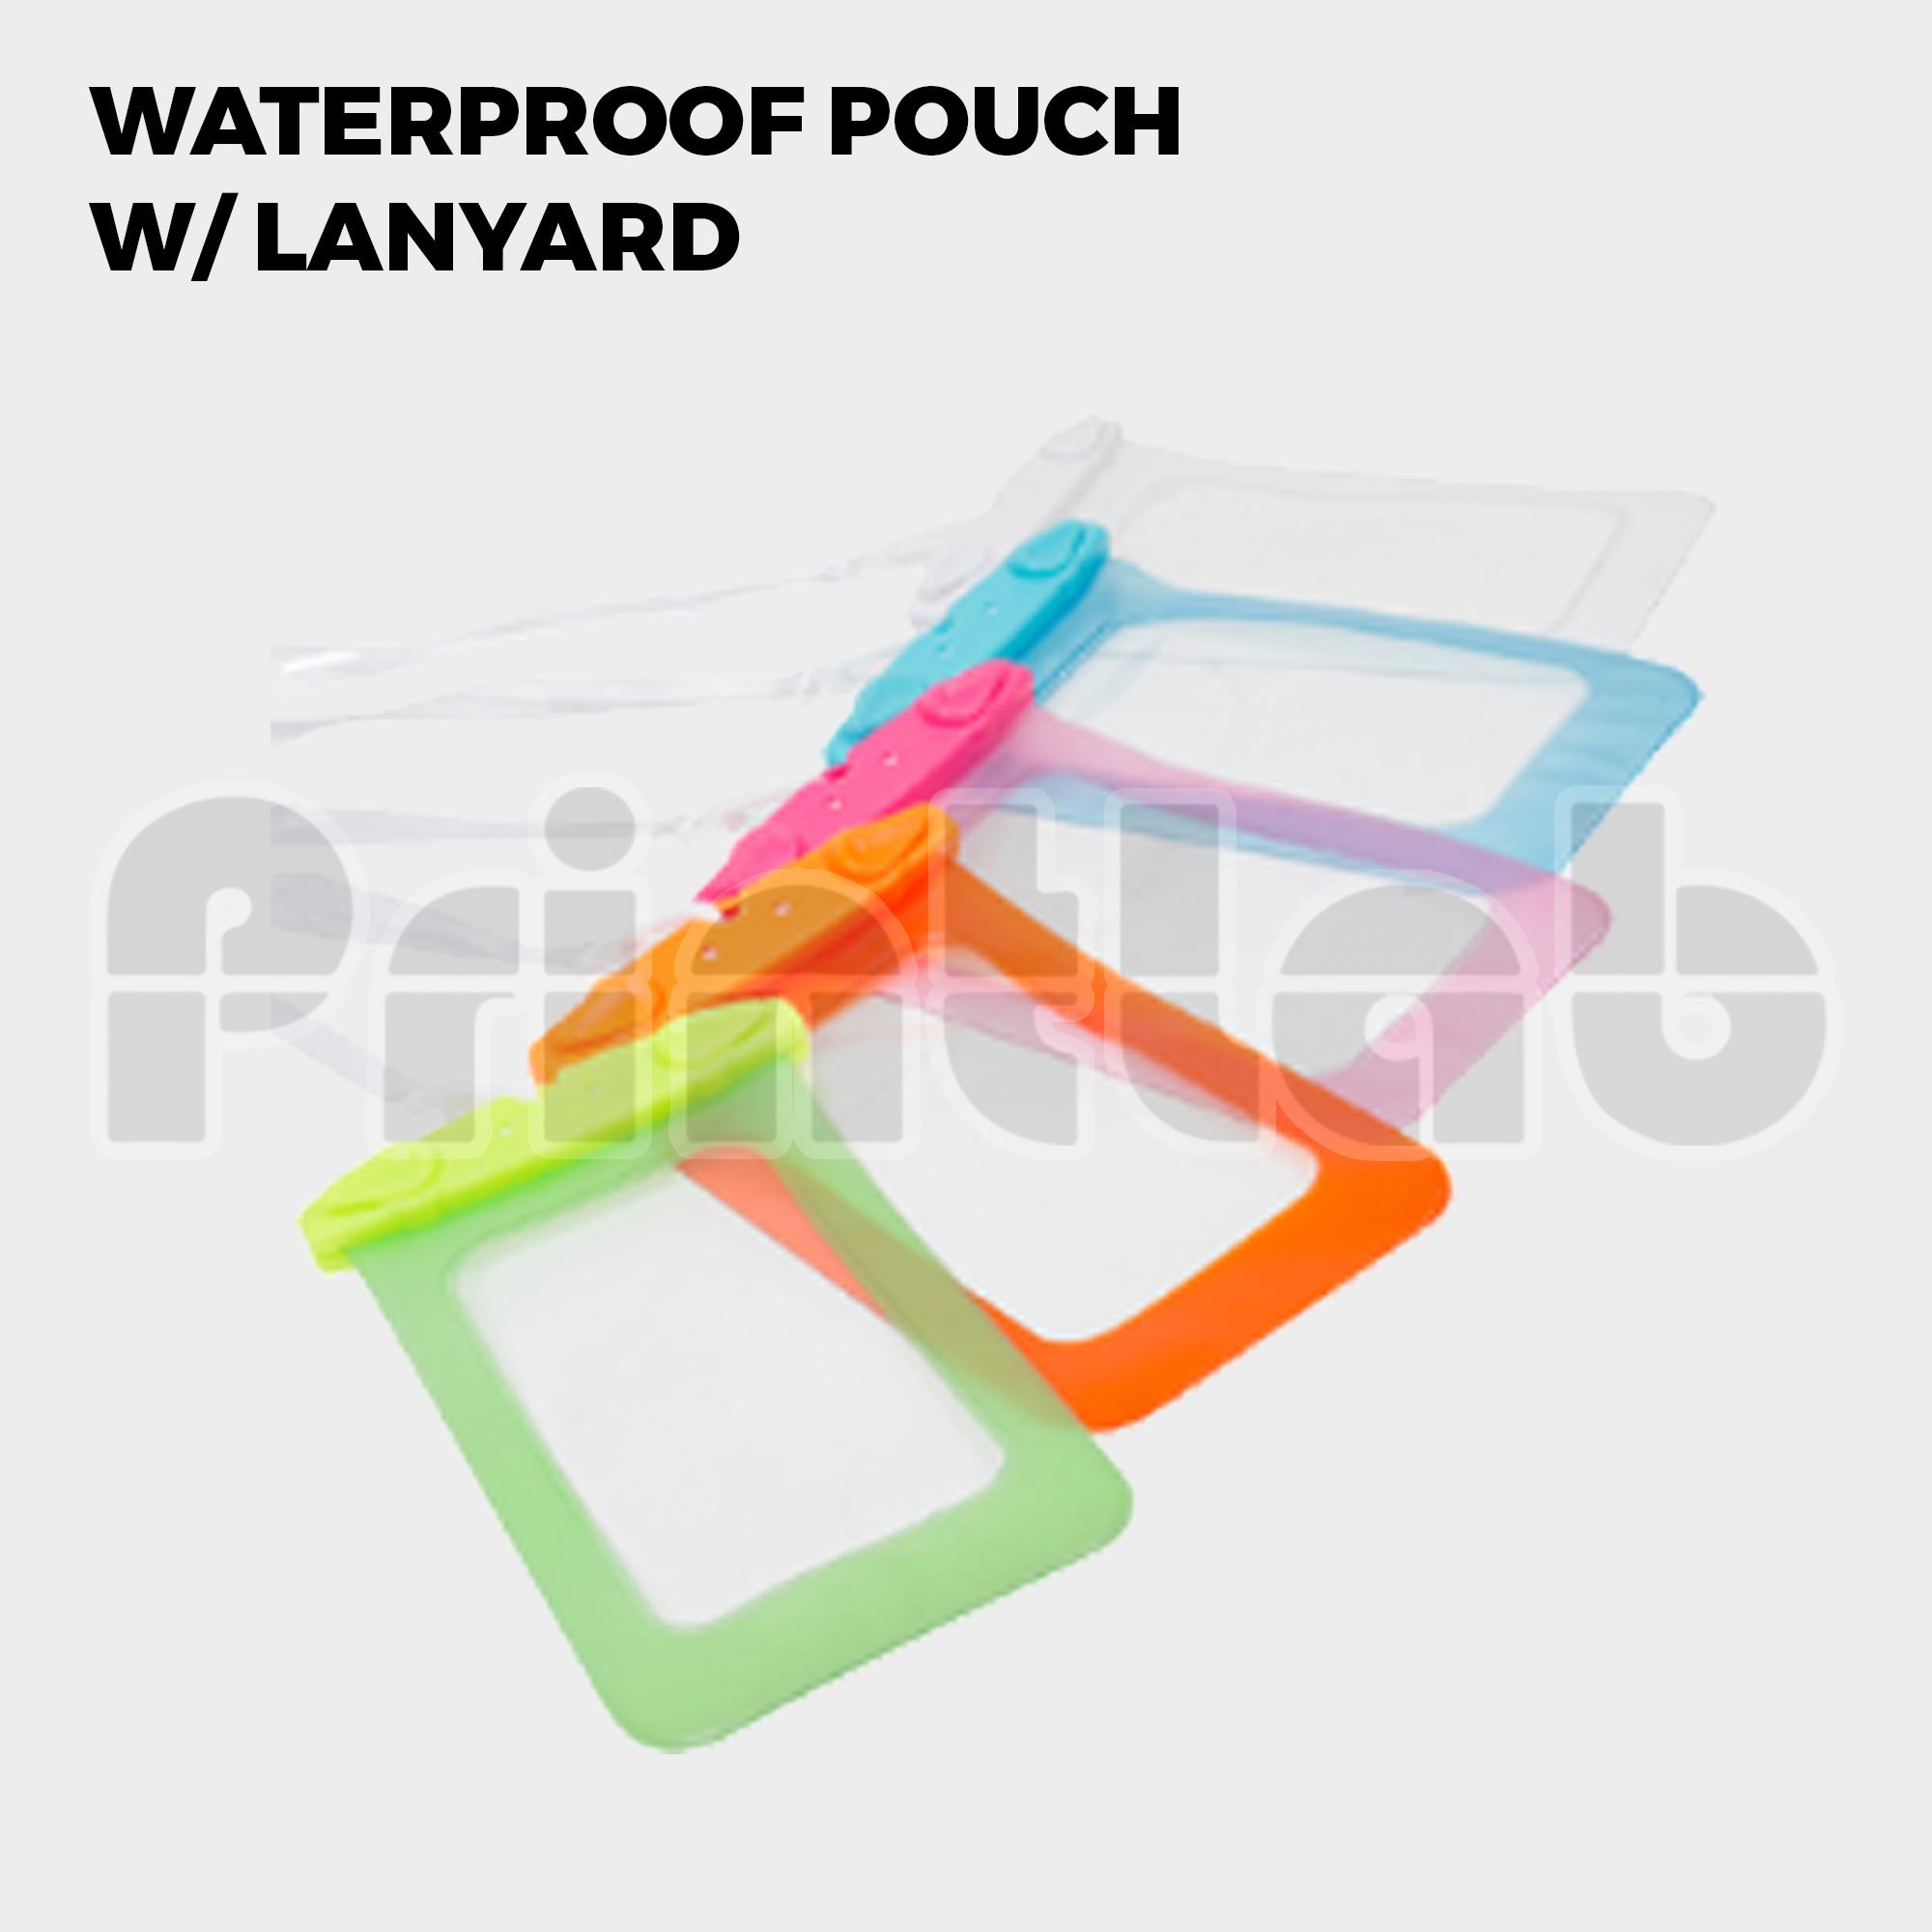 Waterproof Pouch w/ Lanyard